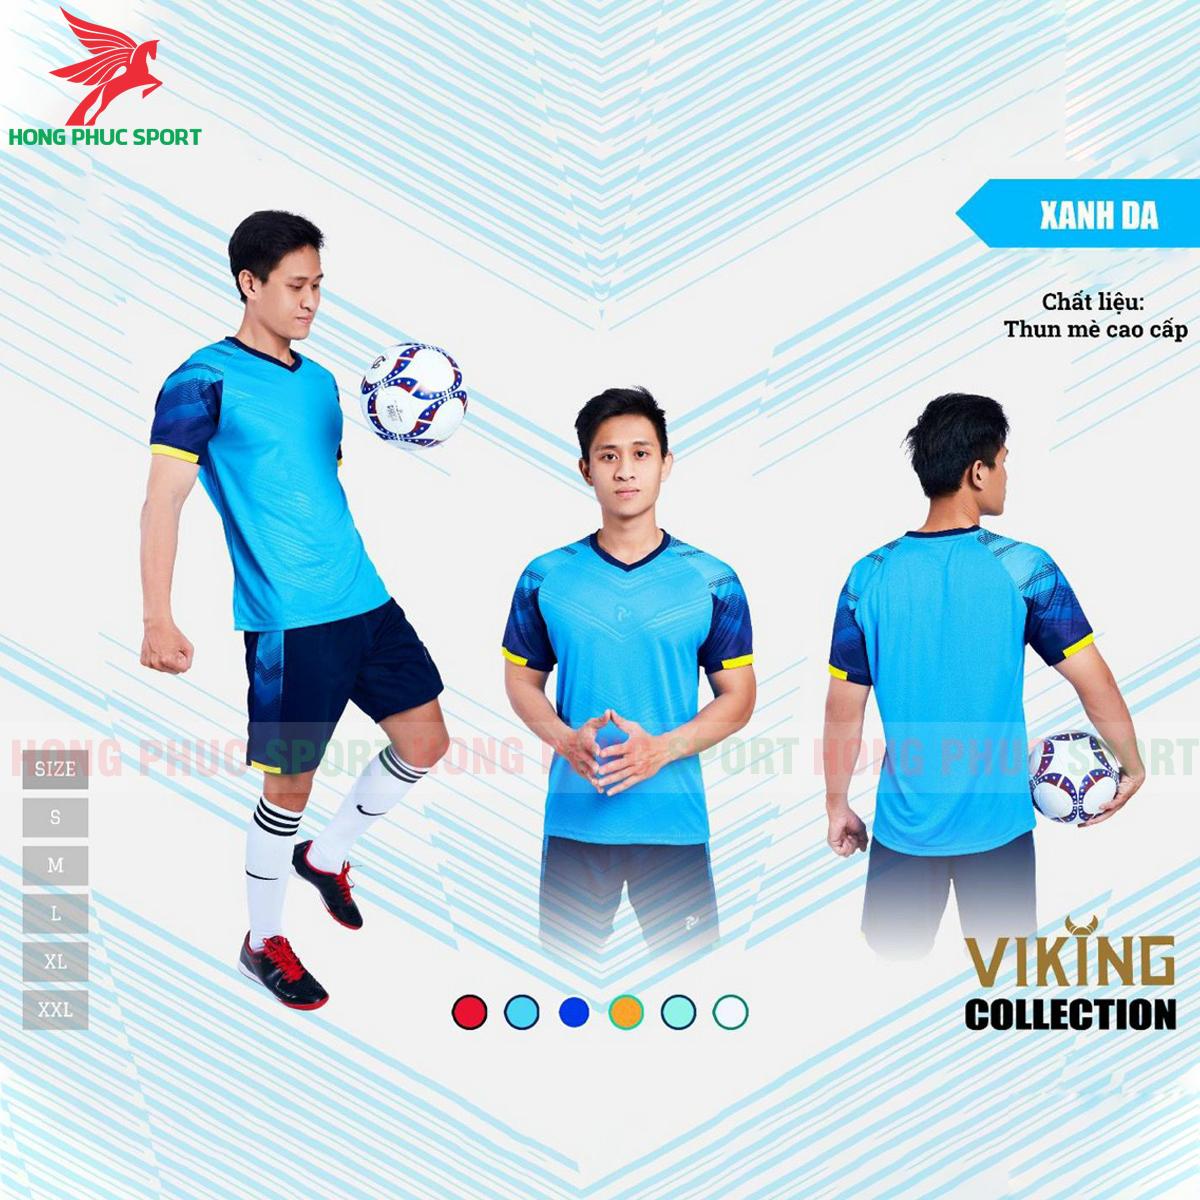 Áo đấu không logo Justplay Viking 2021 màu xanh da